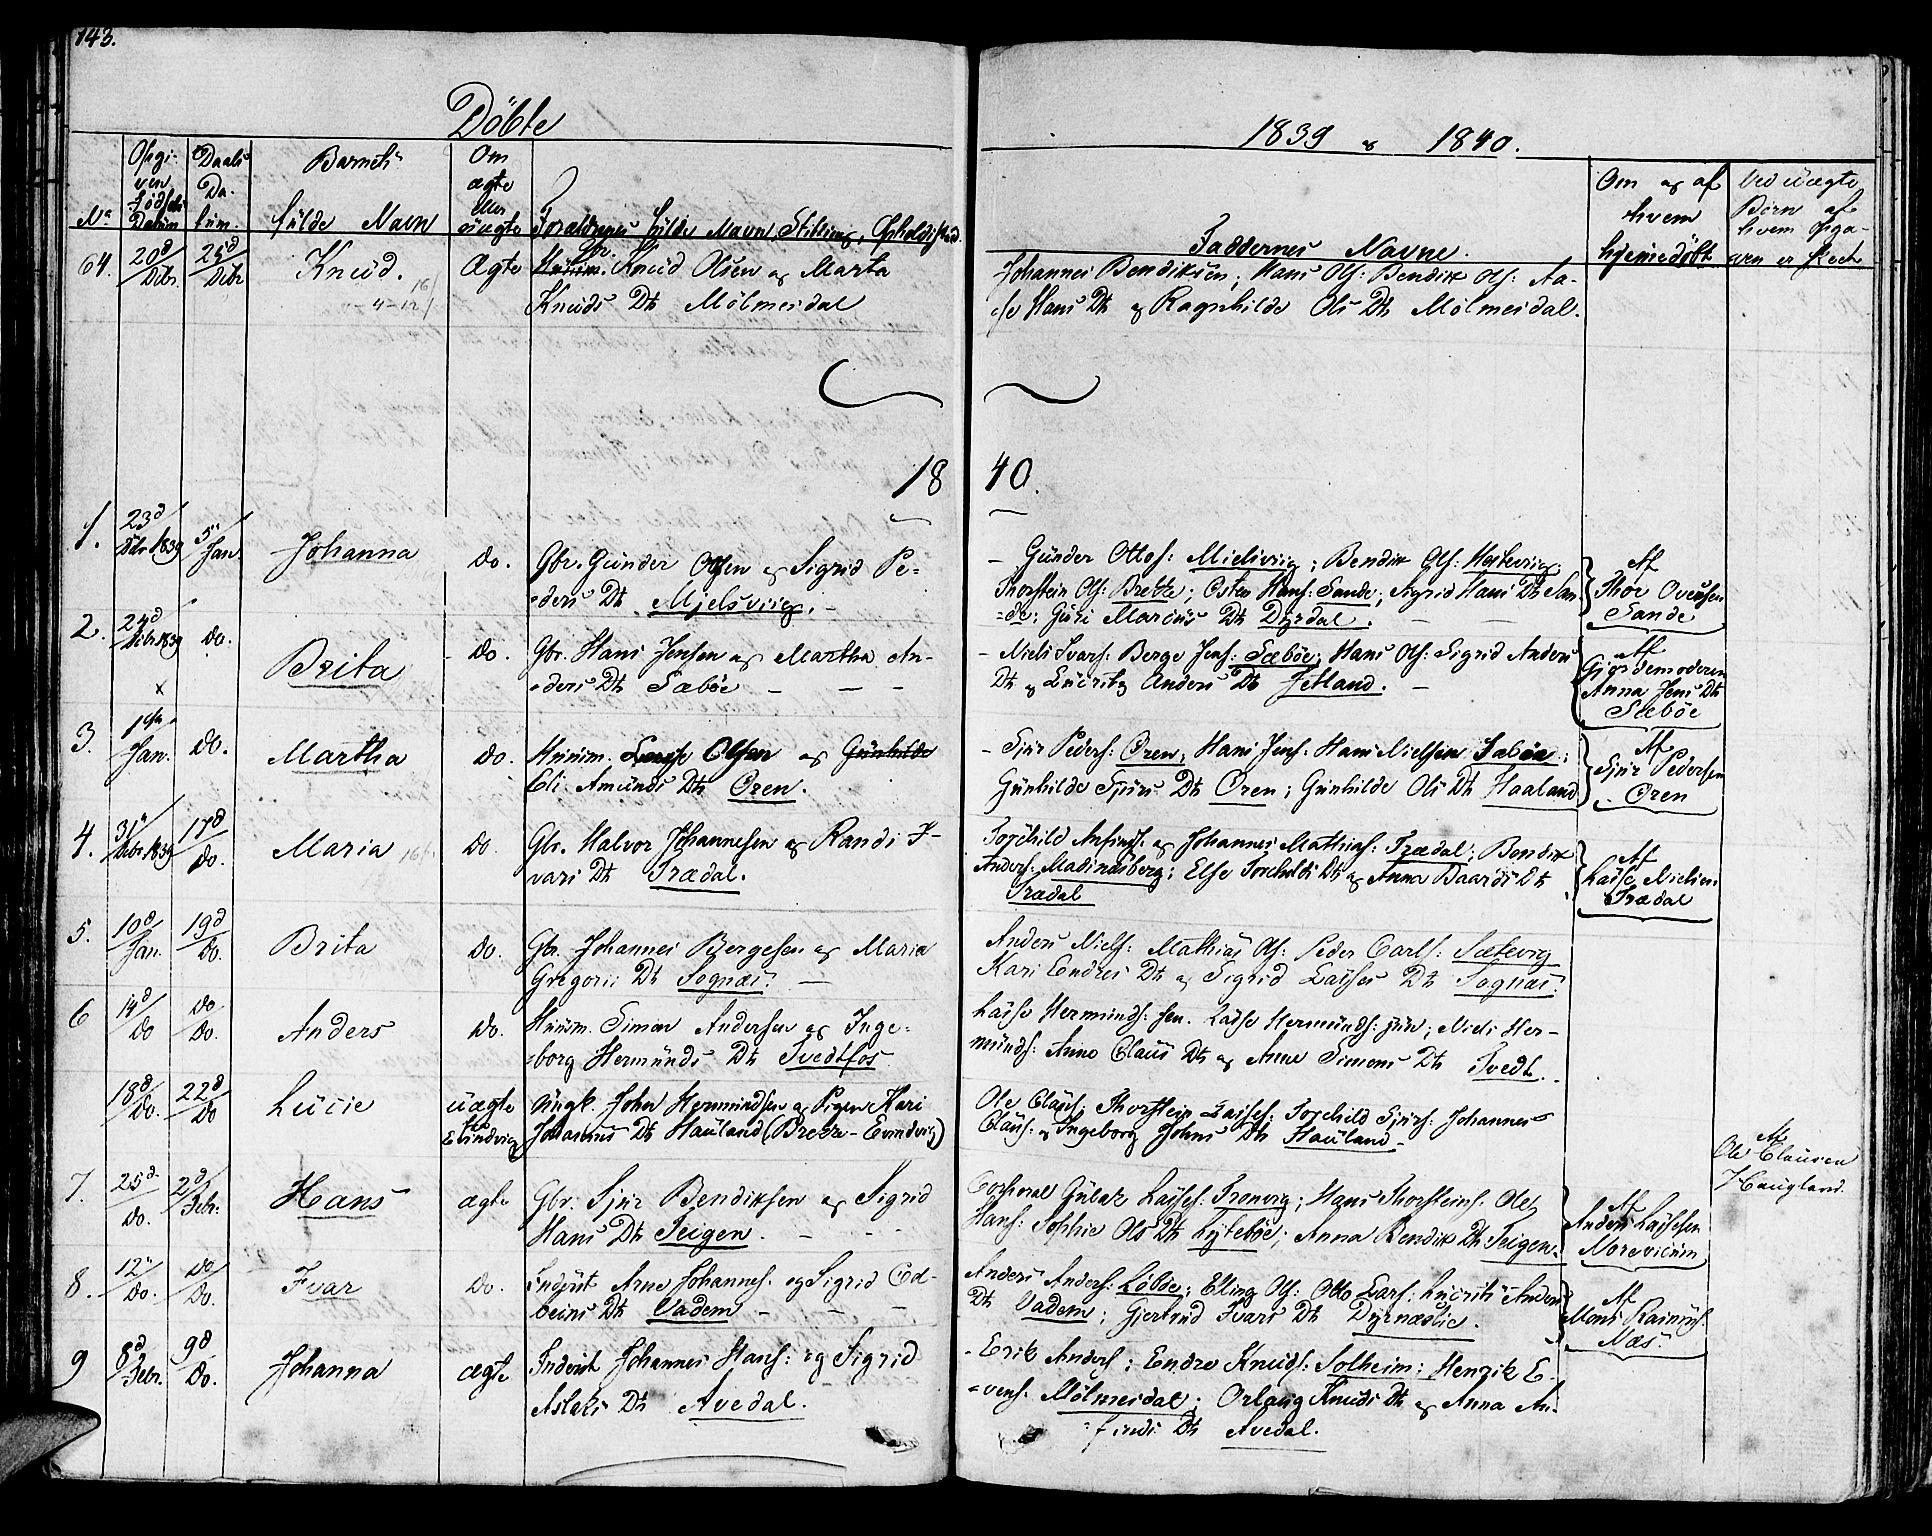 SAB, Lavik sokneprestembete, Ministerialbok nr. A 2I, 1821-1842, s. 143